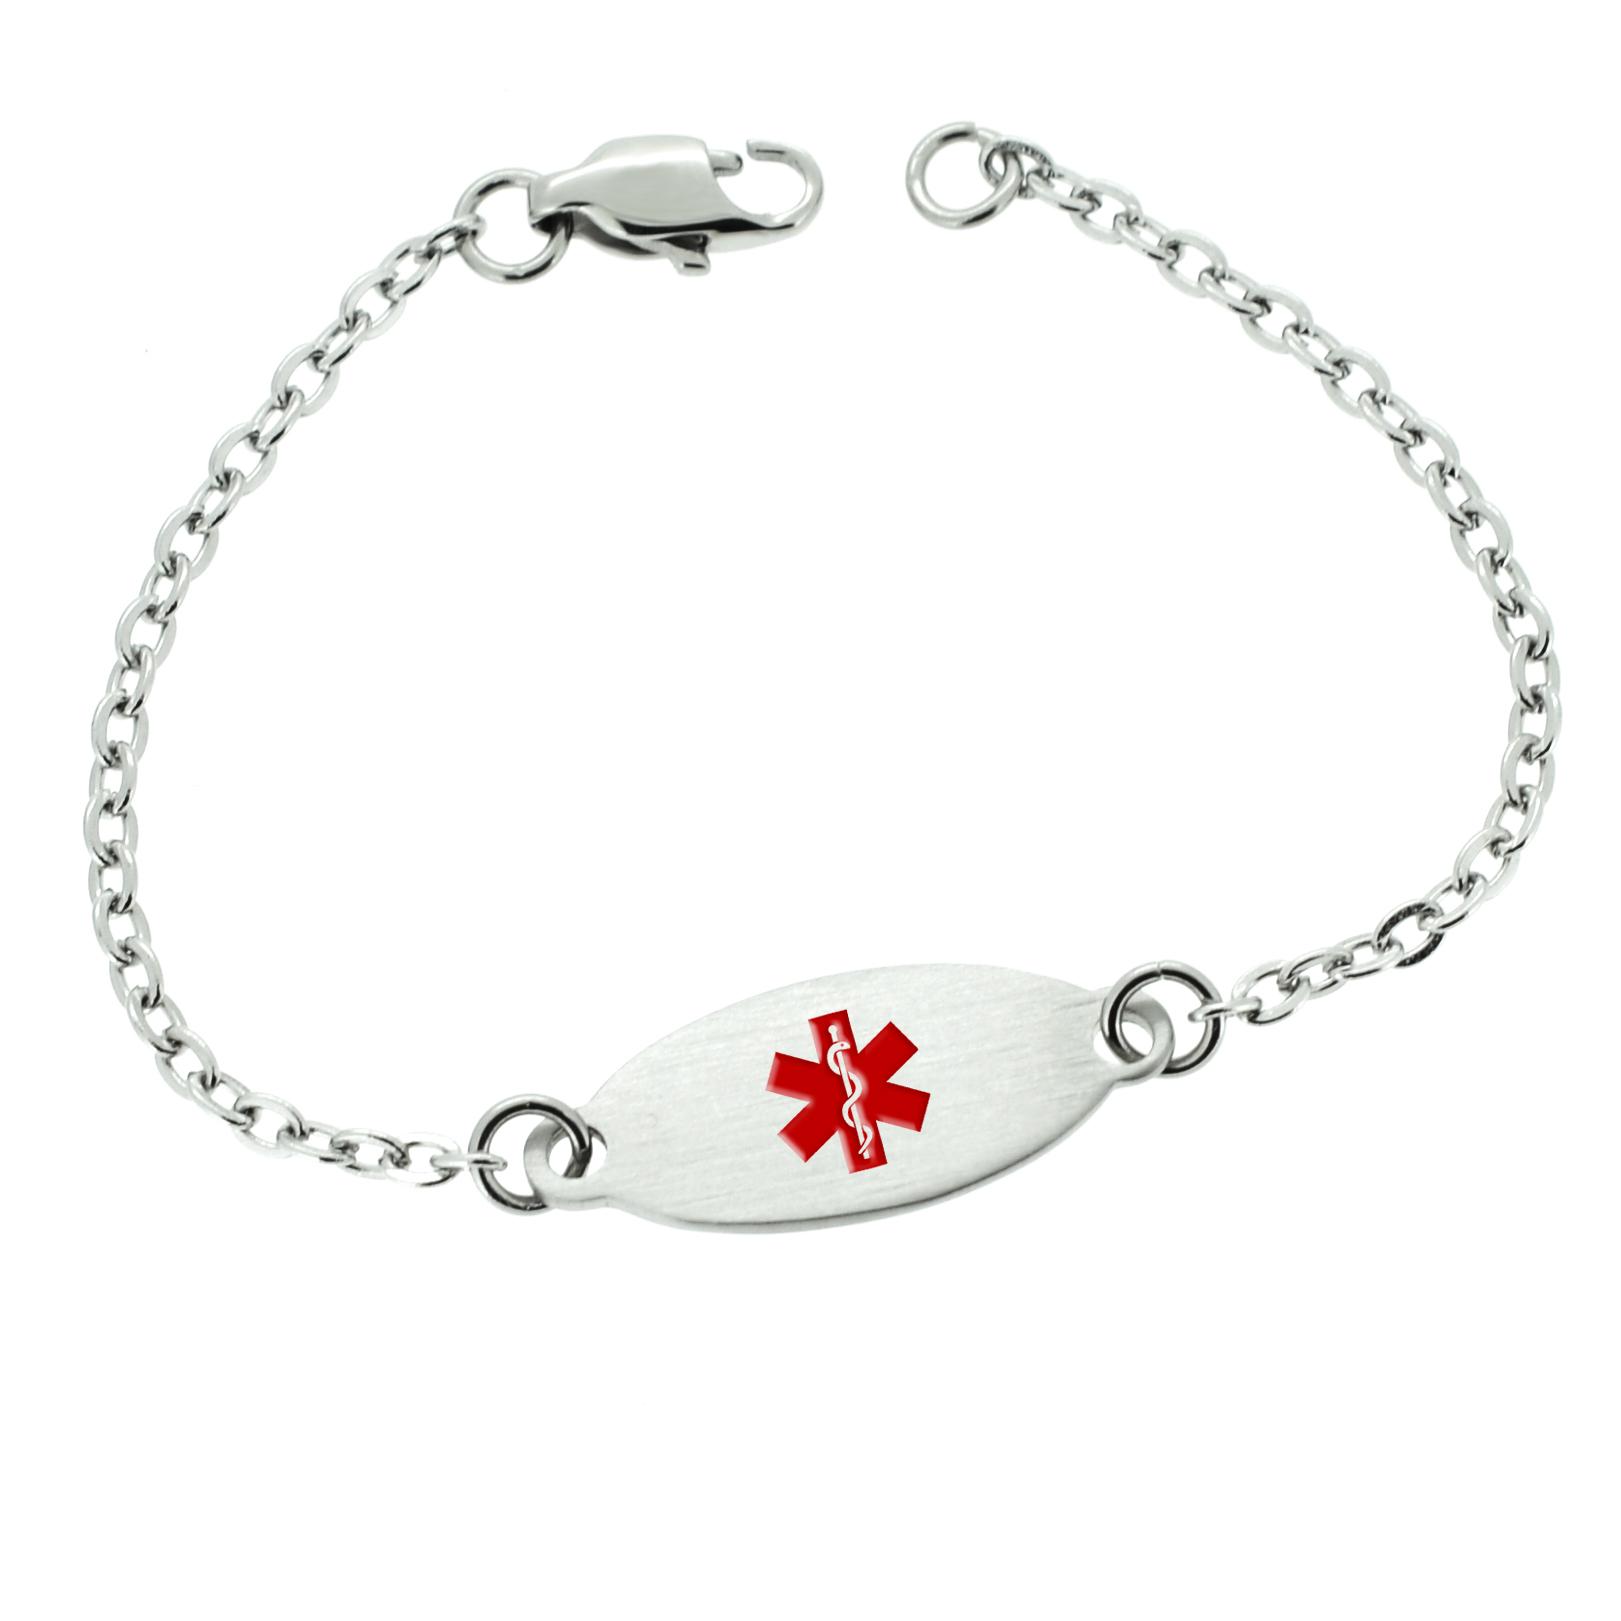 Medical Alert Bracelets >> Womens Medical Alert Bracelet Allergy Alert Bracelet Medical Id